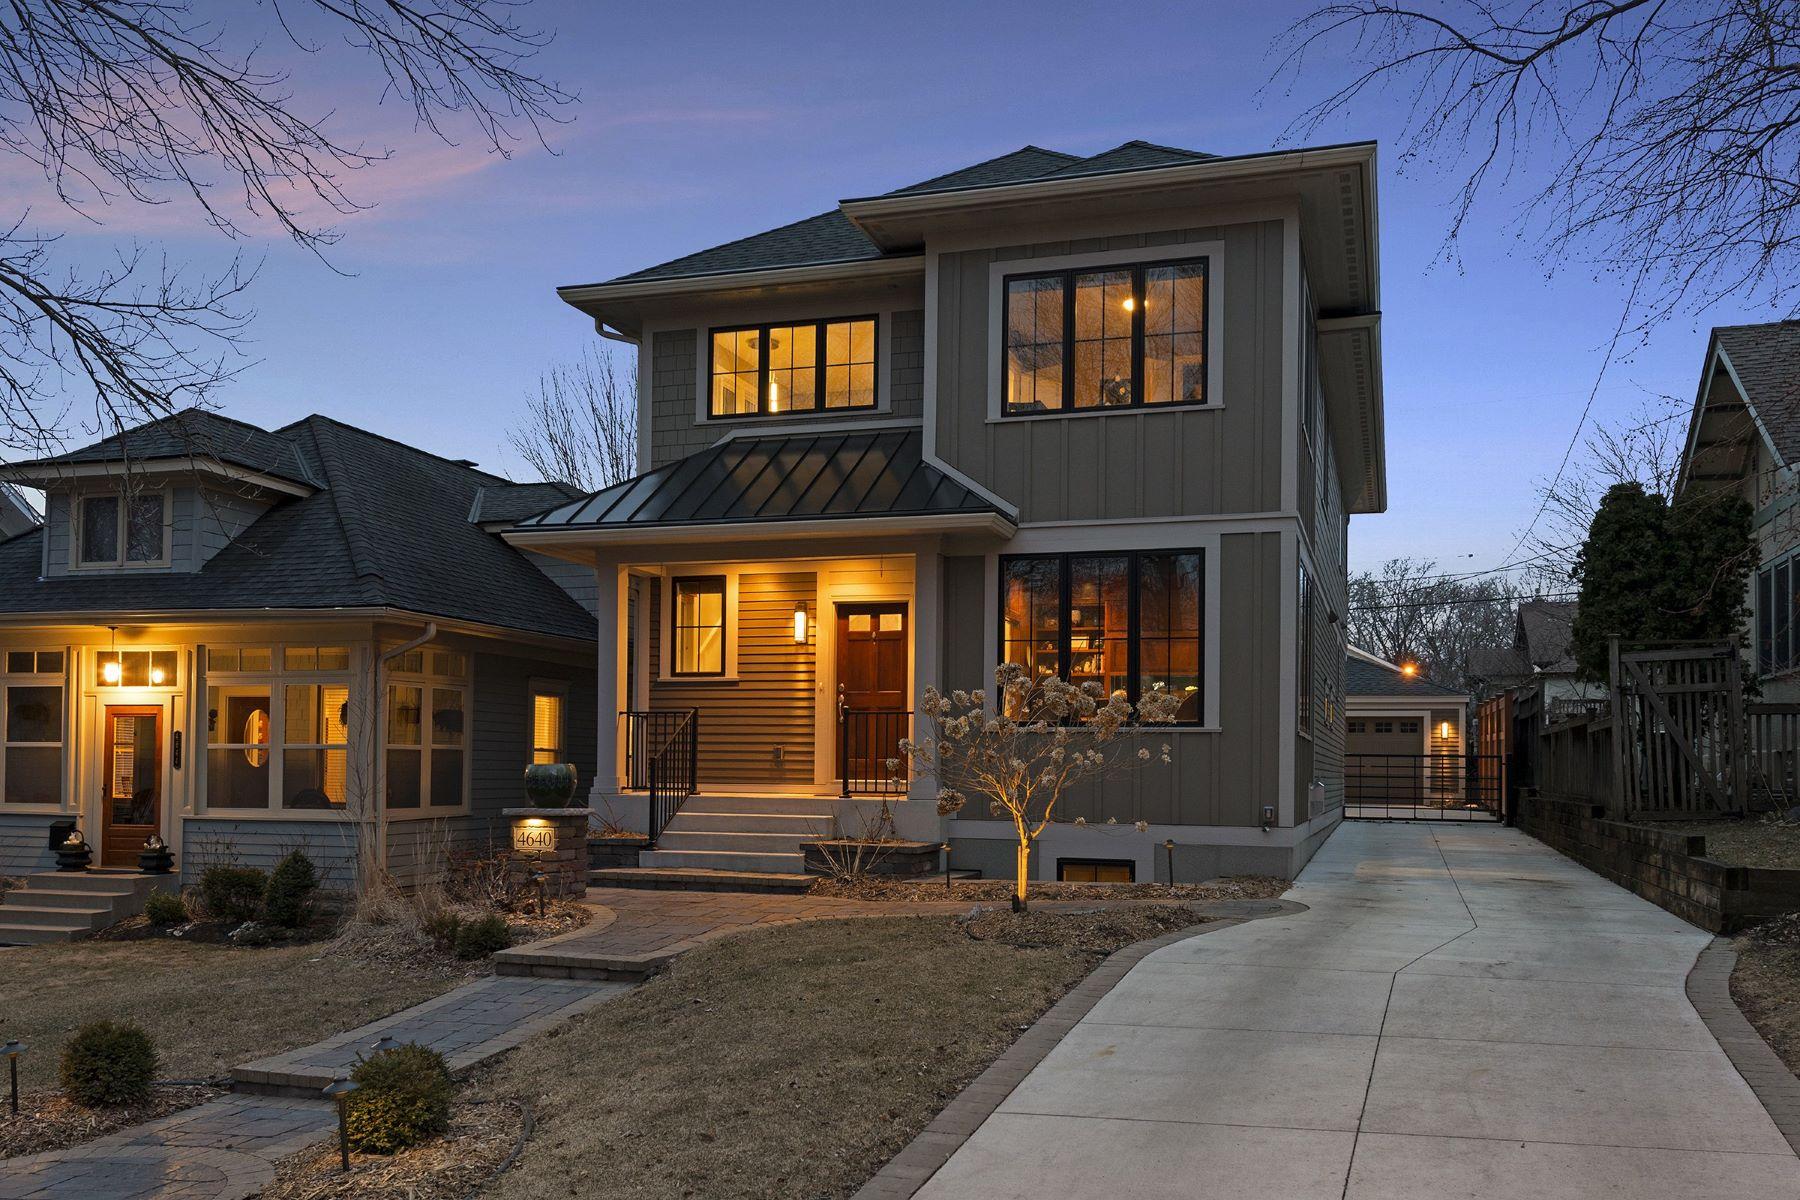 独户住宅 为 销售 在 4640 Vincent Avenue S 明尼阿波利斯市, 明尼苏达州, 55410 美国